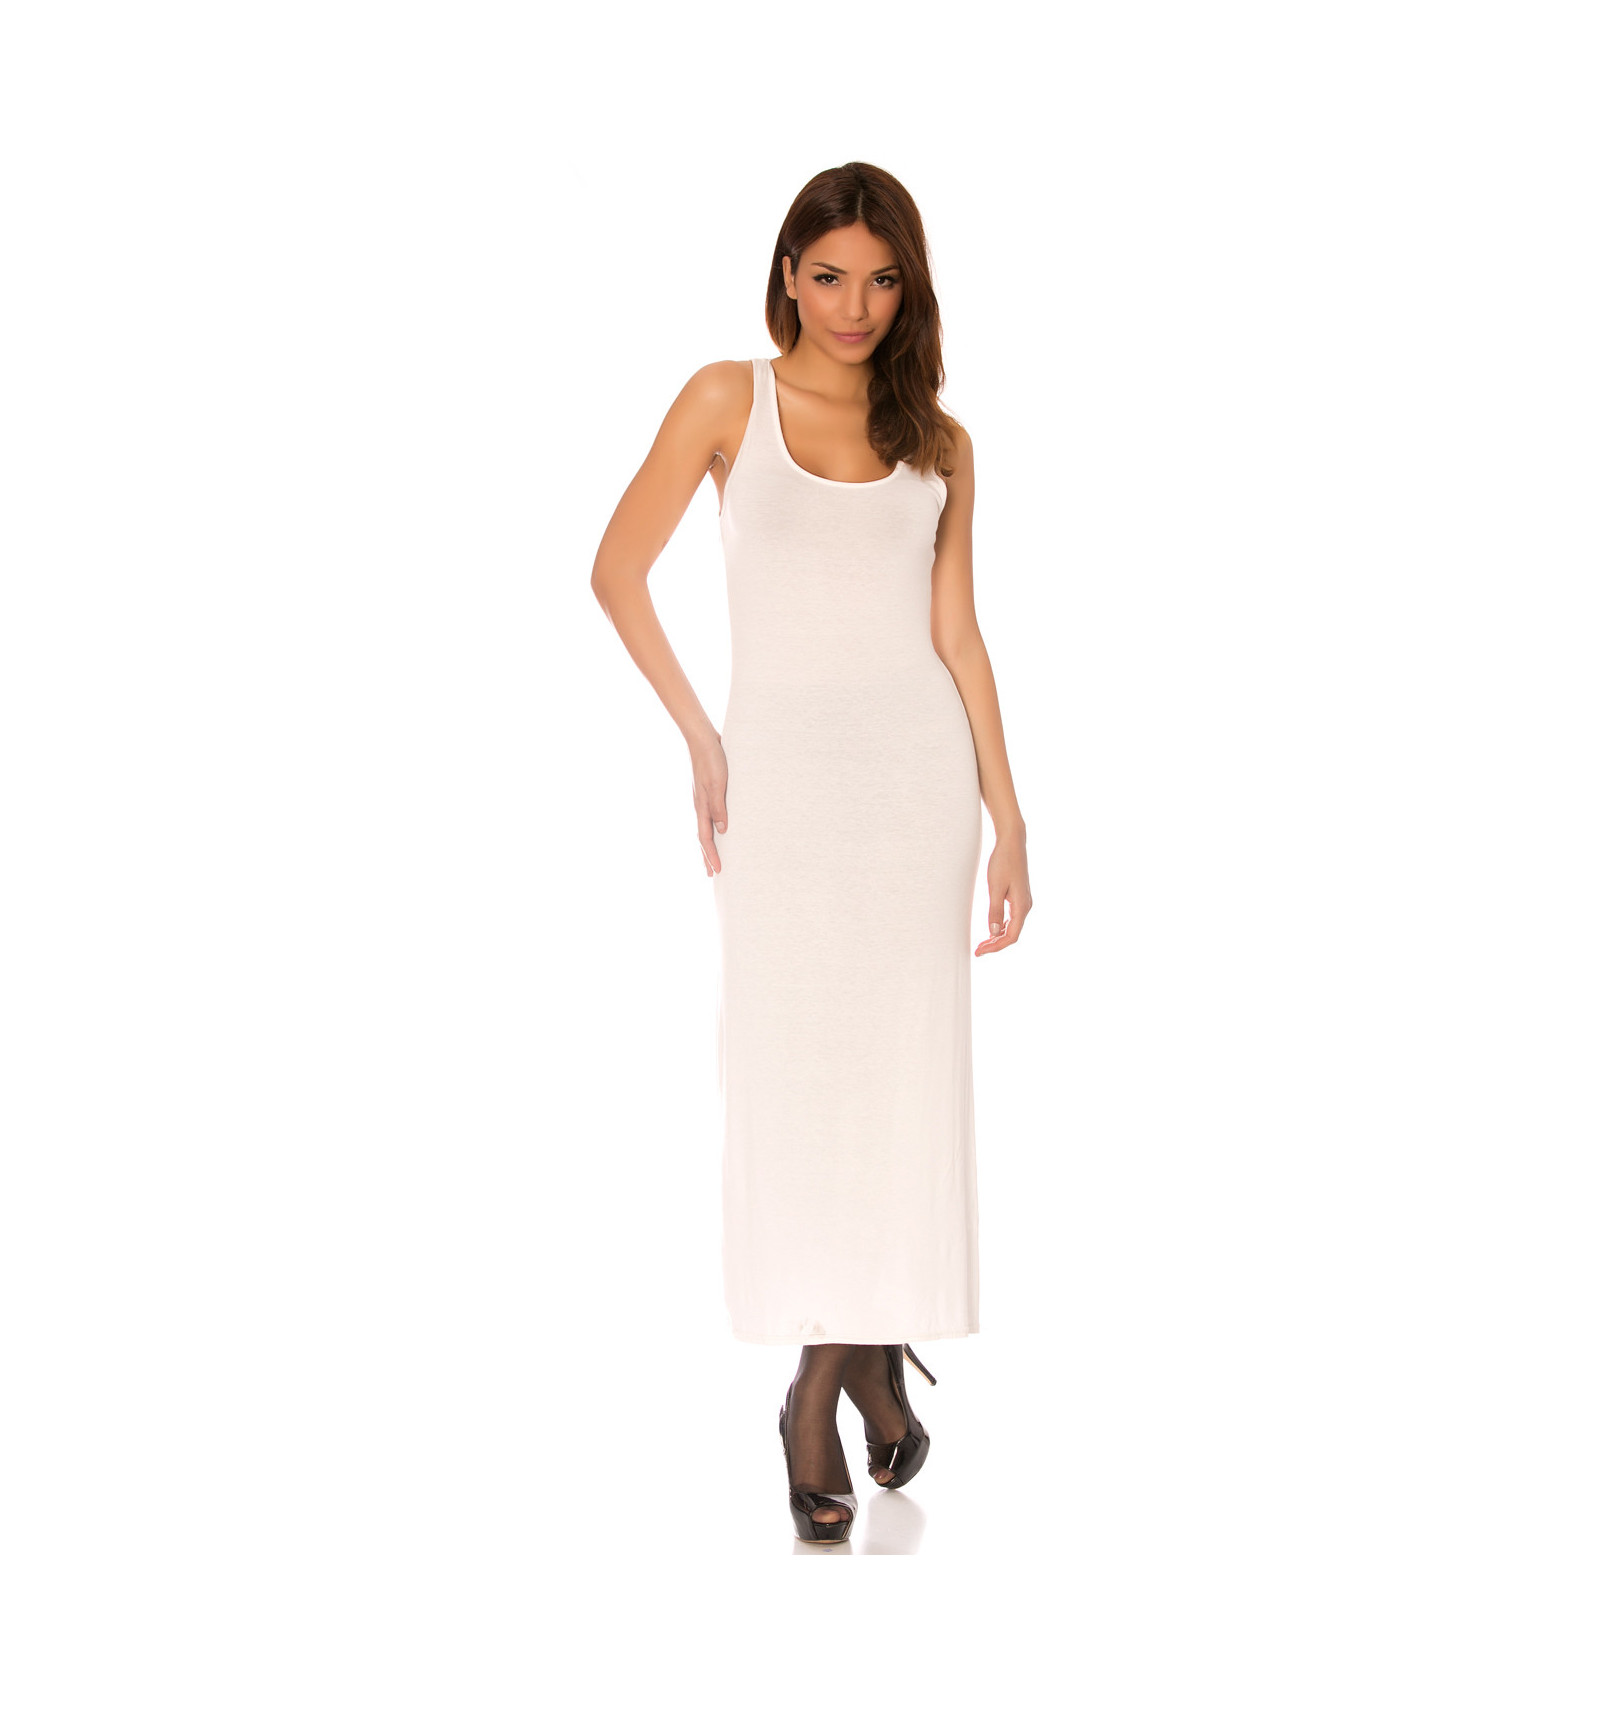 Longue Robe Debardeur Blanc Fendu Sur Le Cote L Incontournable Classique De L Ete